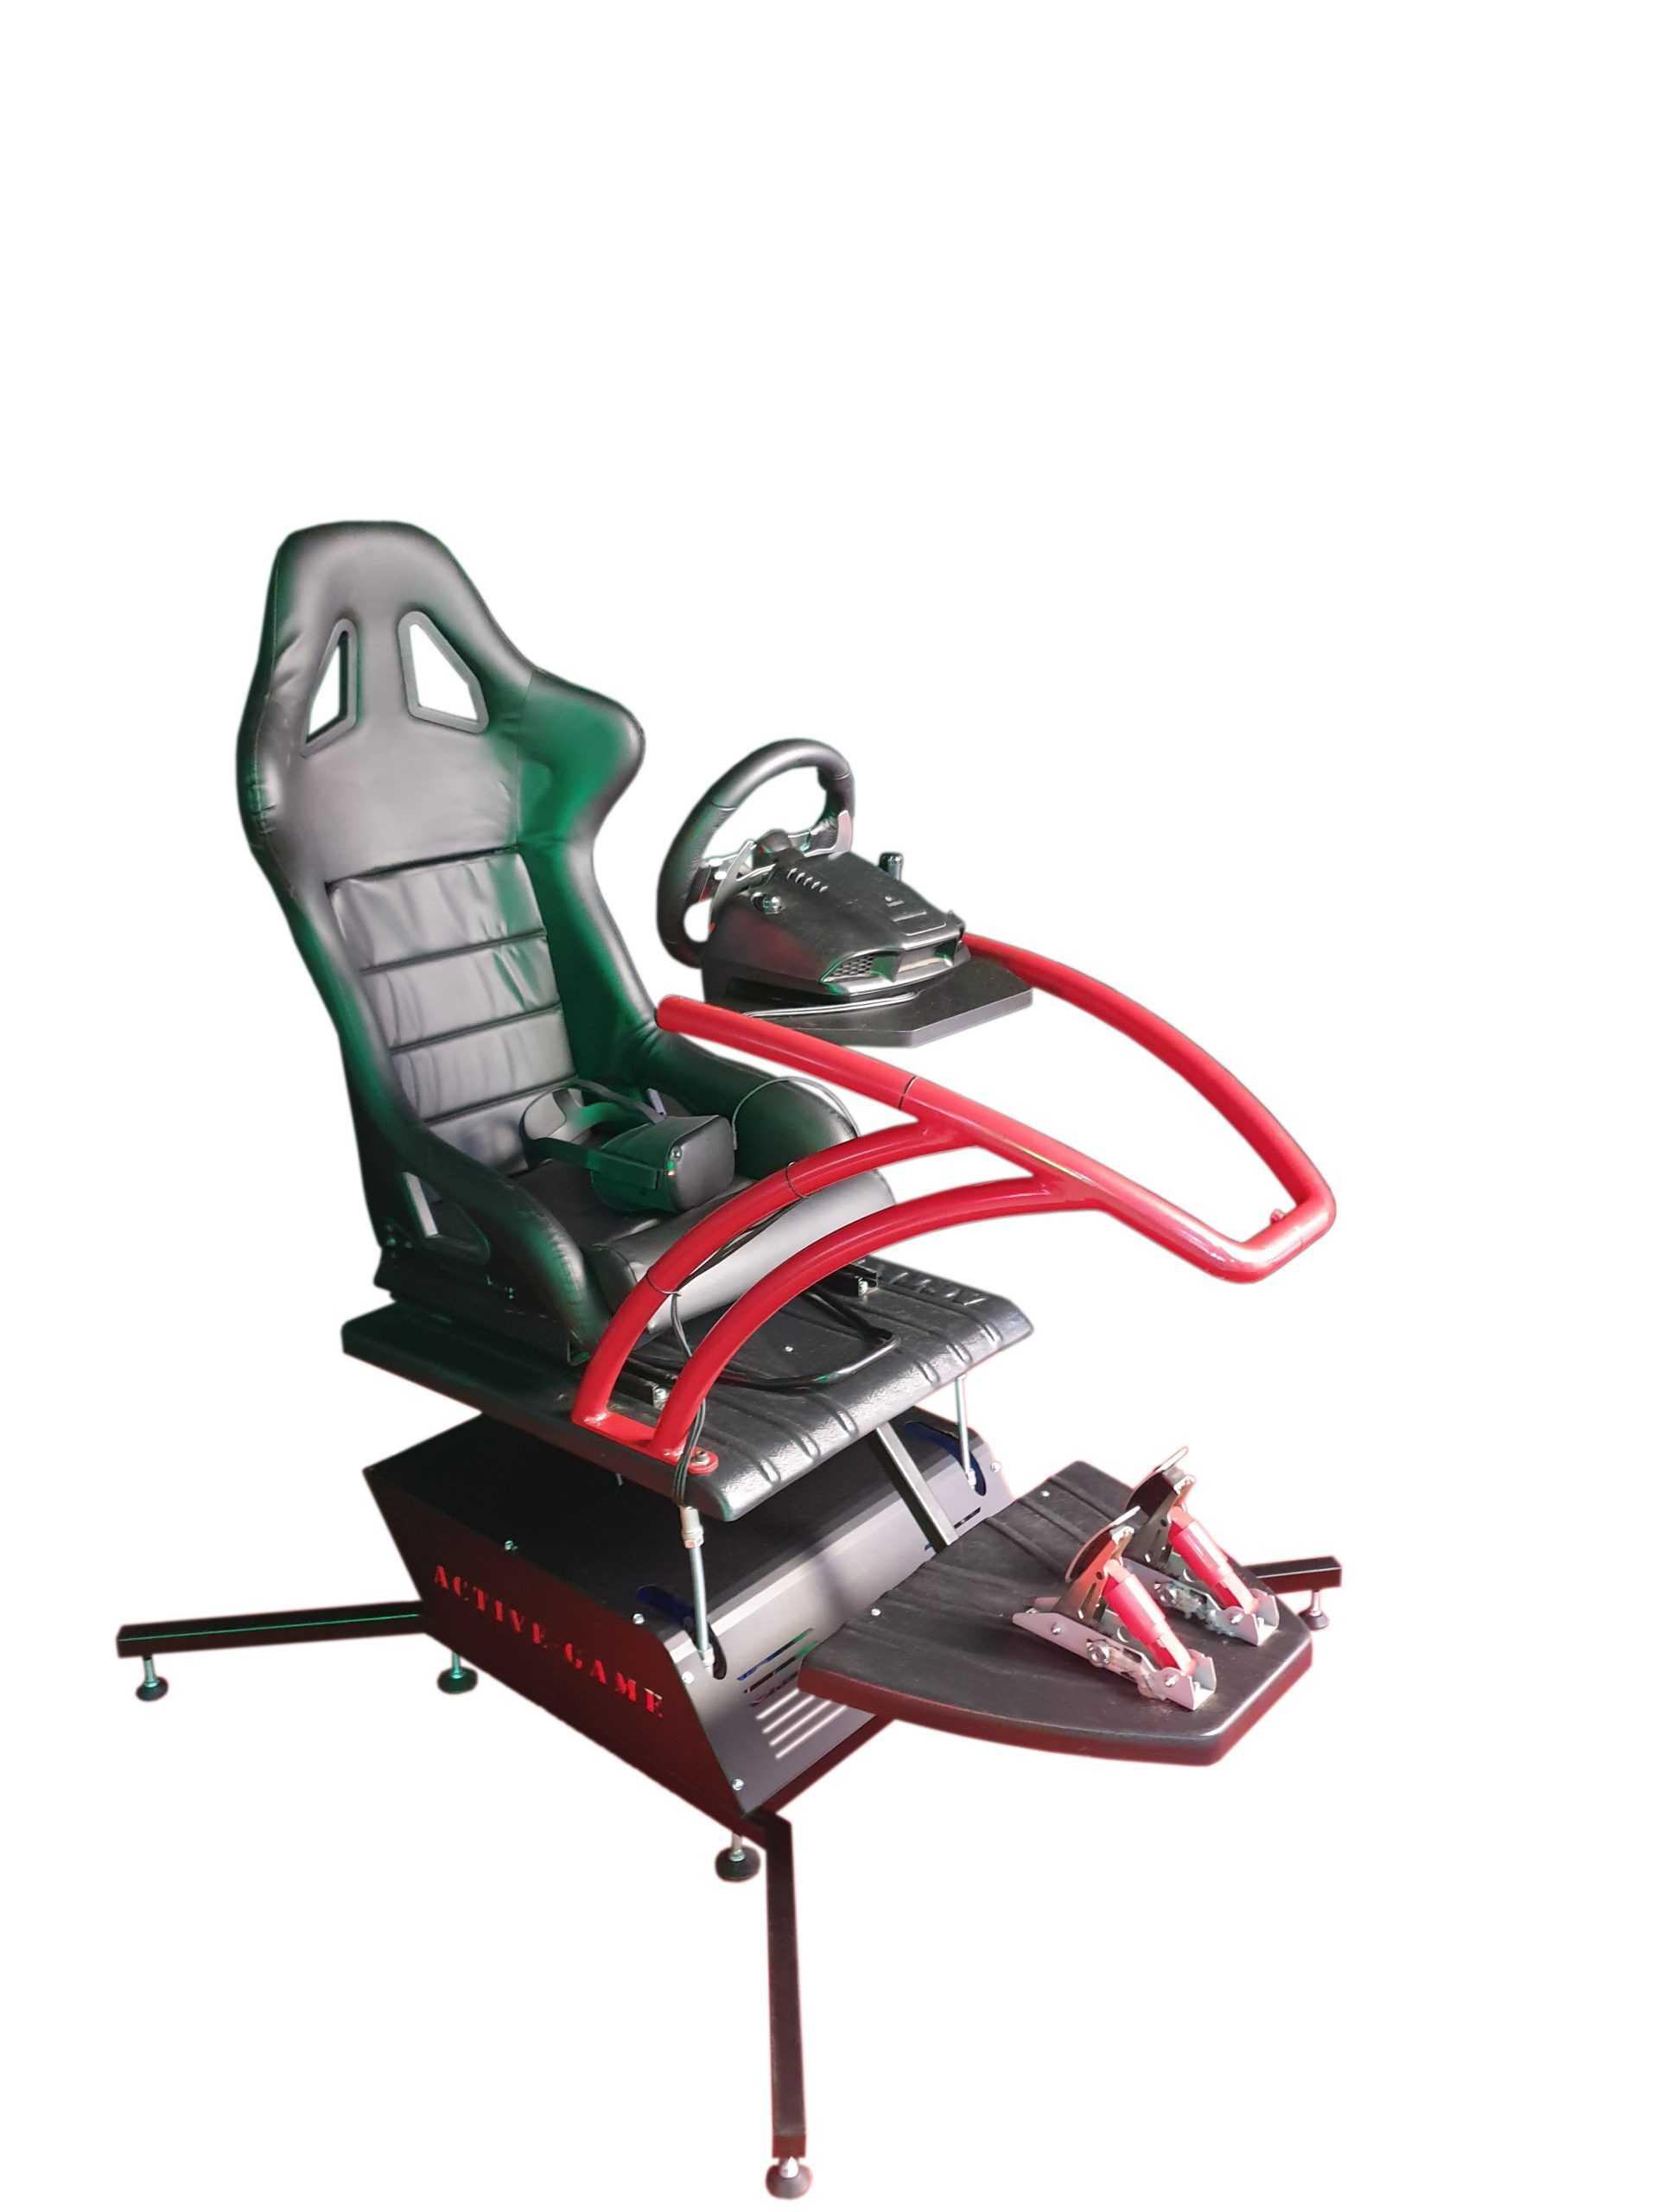 Mini_Red_2 Full motion affordable home simulator 2dof, 3dof,4dof,6dof motion platform